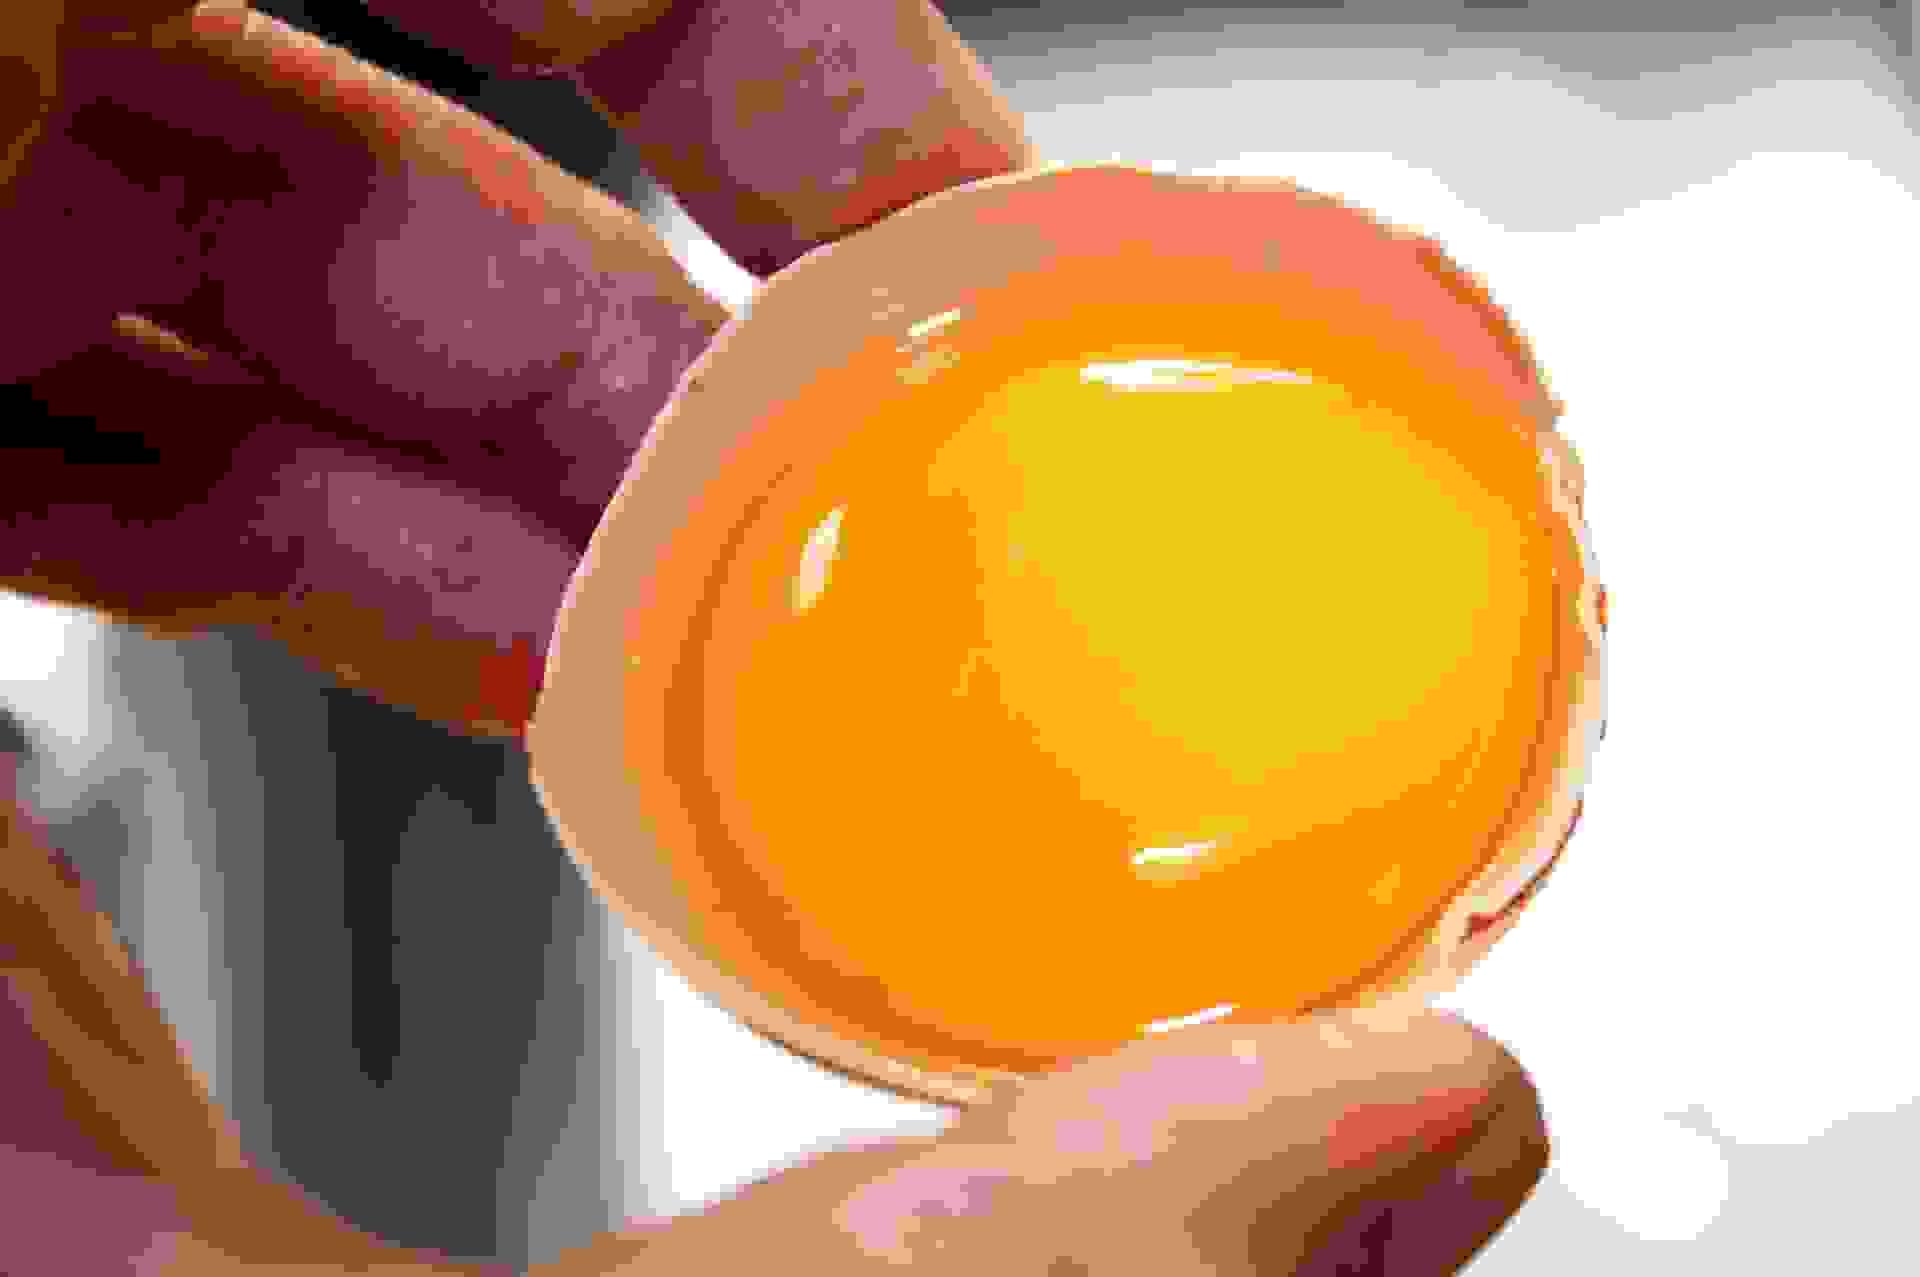 Lòng đỏ trứng giúp phát triển trí nhớ 1